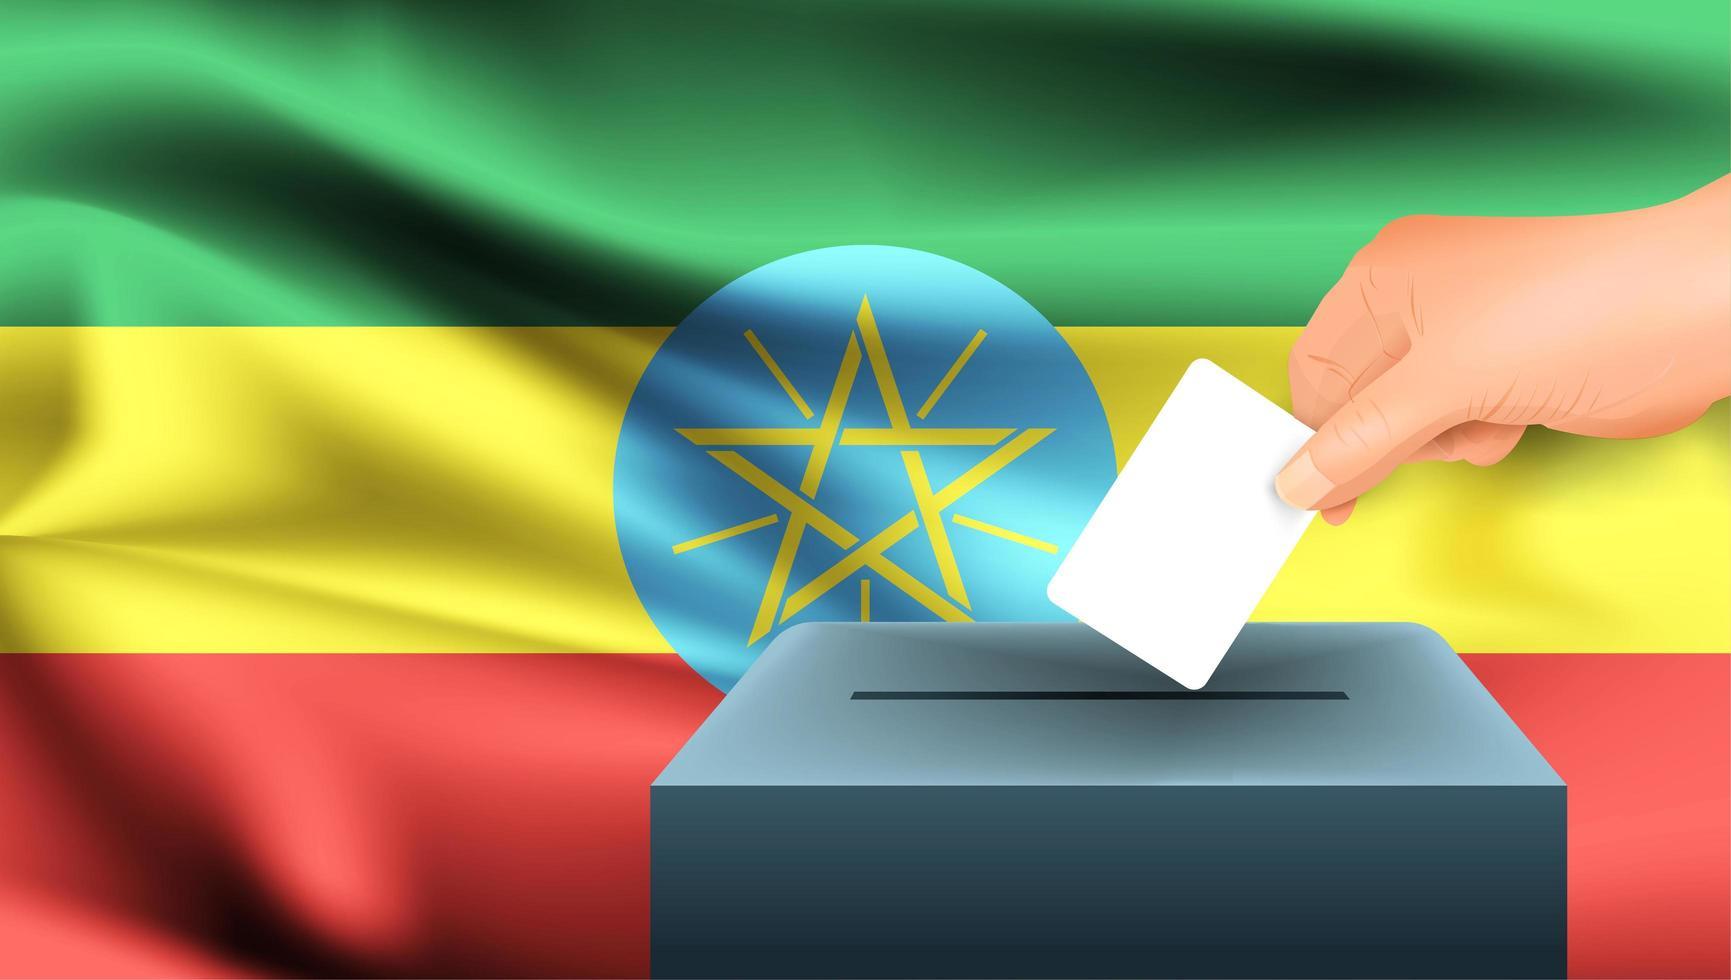 Mano poniendo papeleta en urna con bandera etíope vector